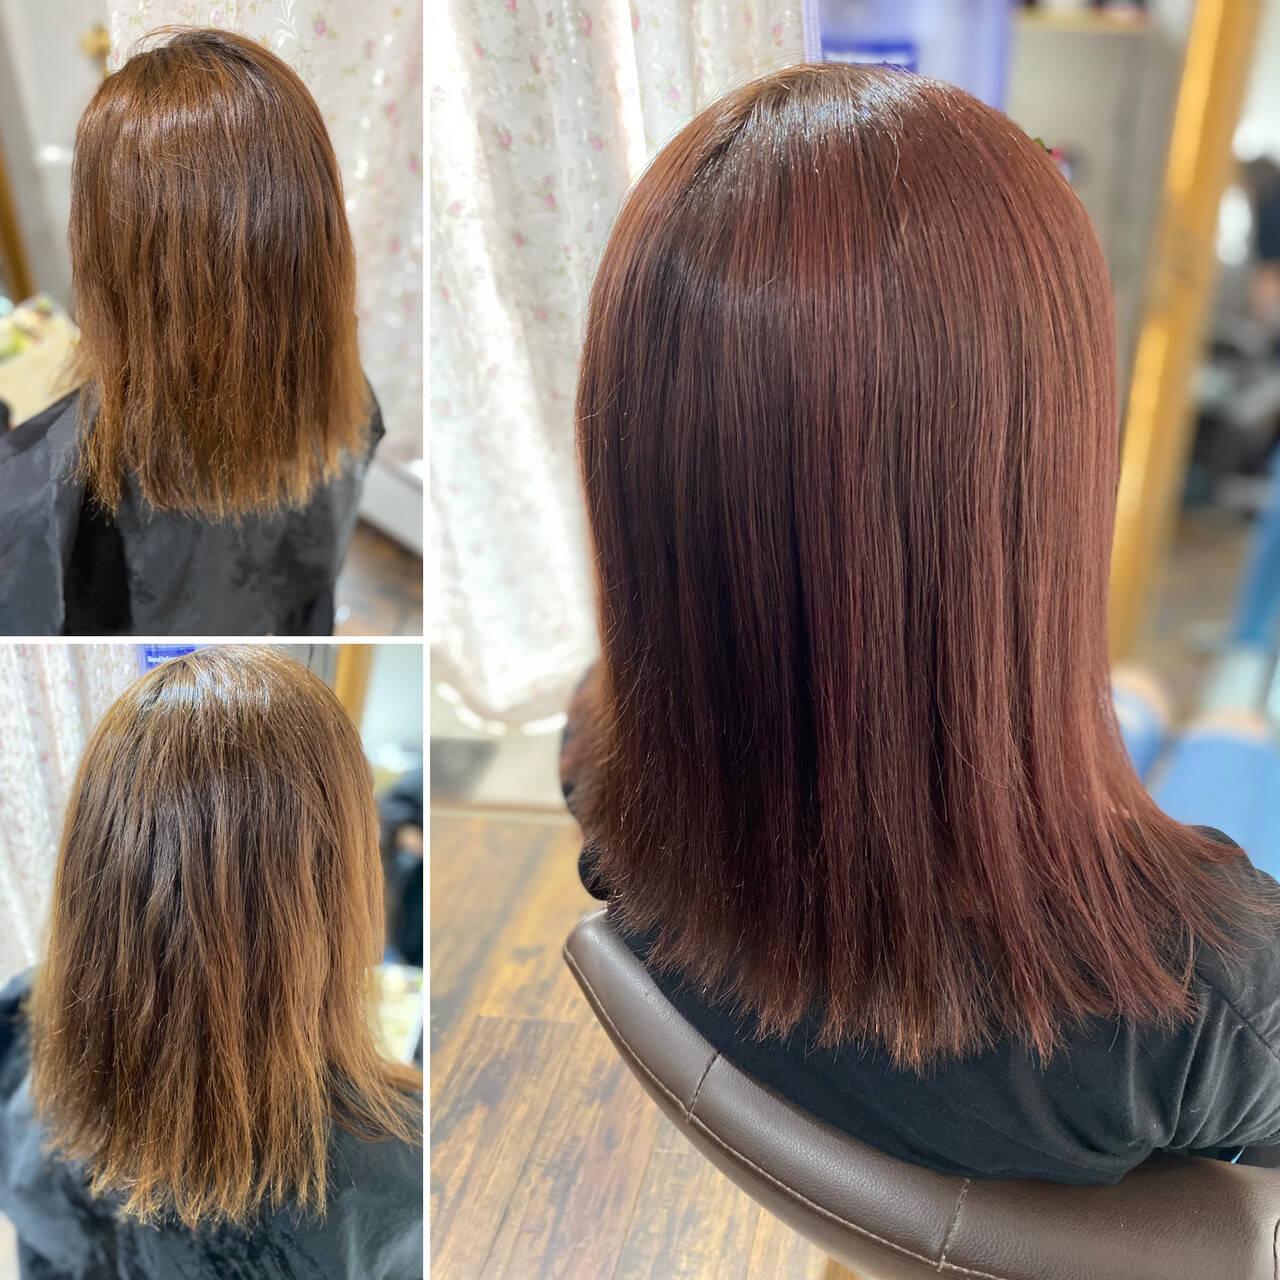 コーラルピンク コーラル 大人ハイライト エレガントヘアスタイルや髪型の写真・画像